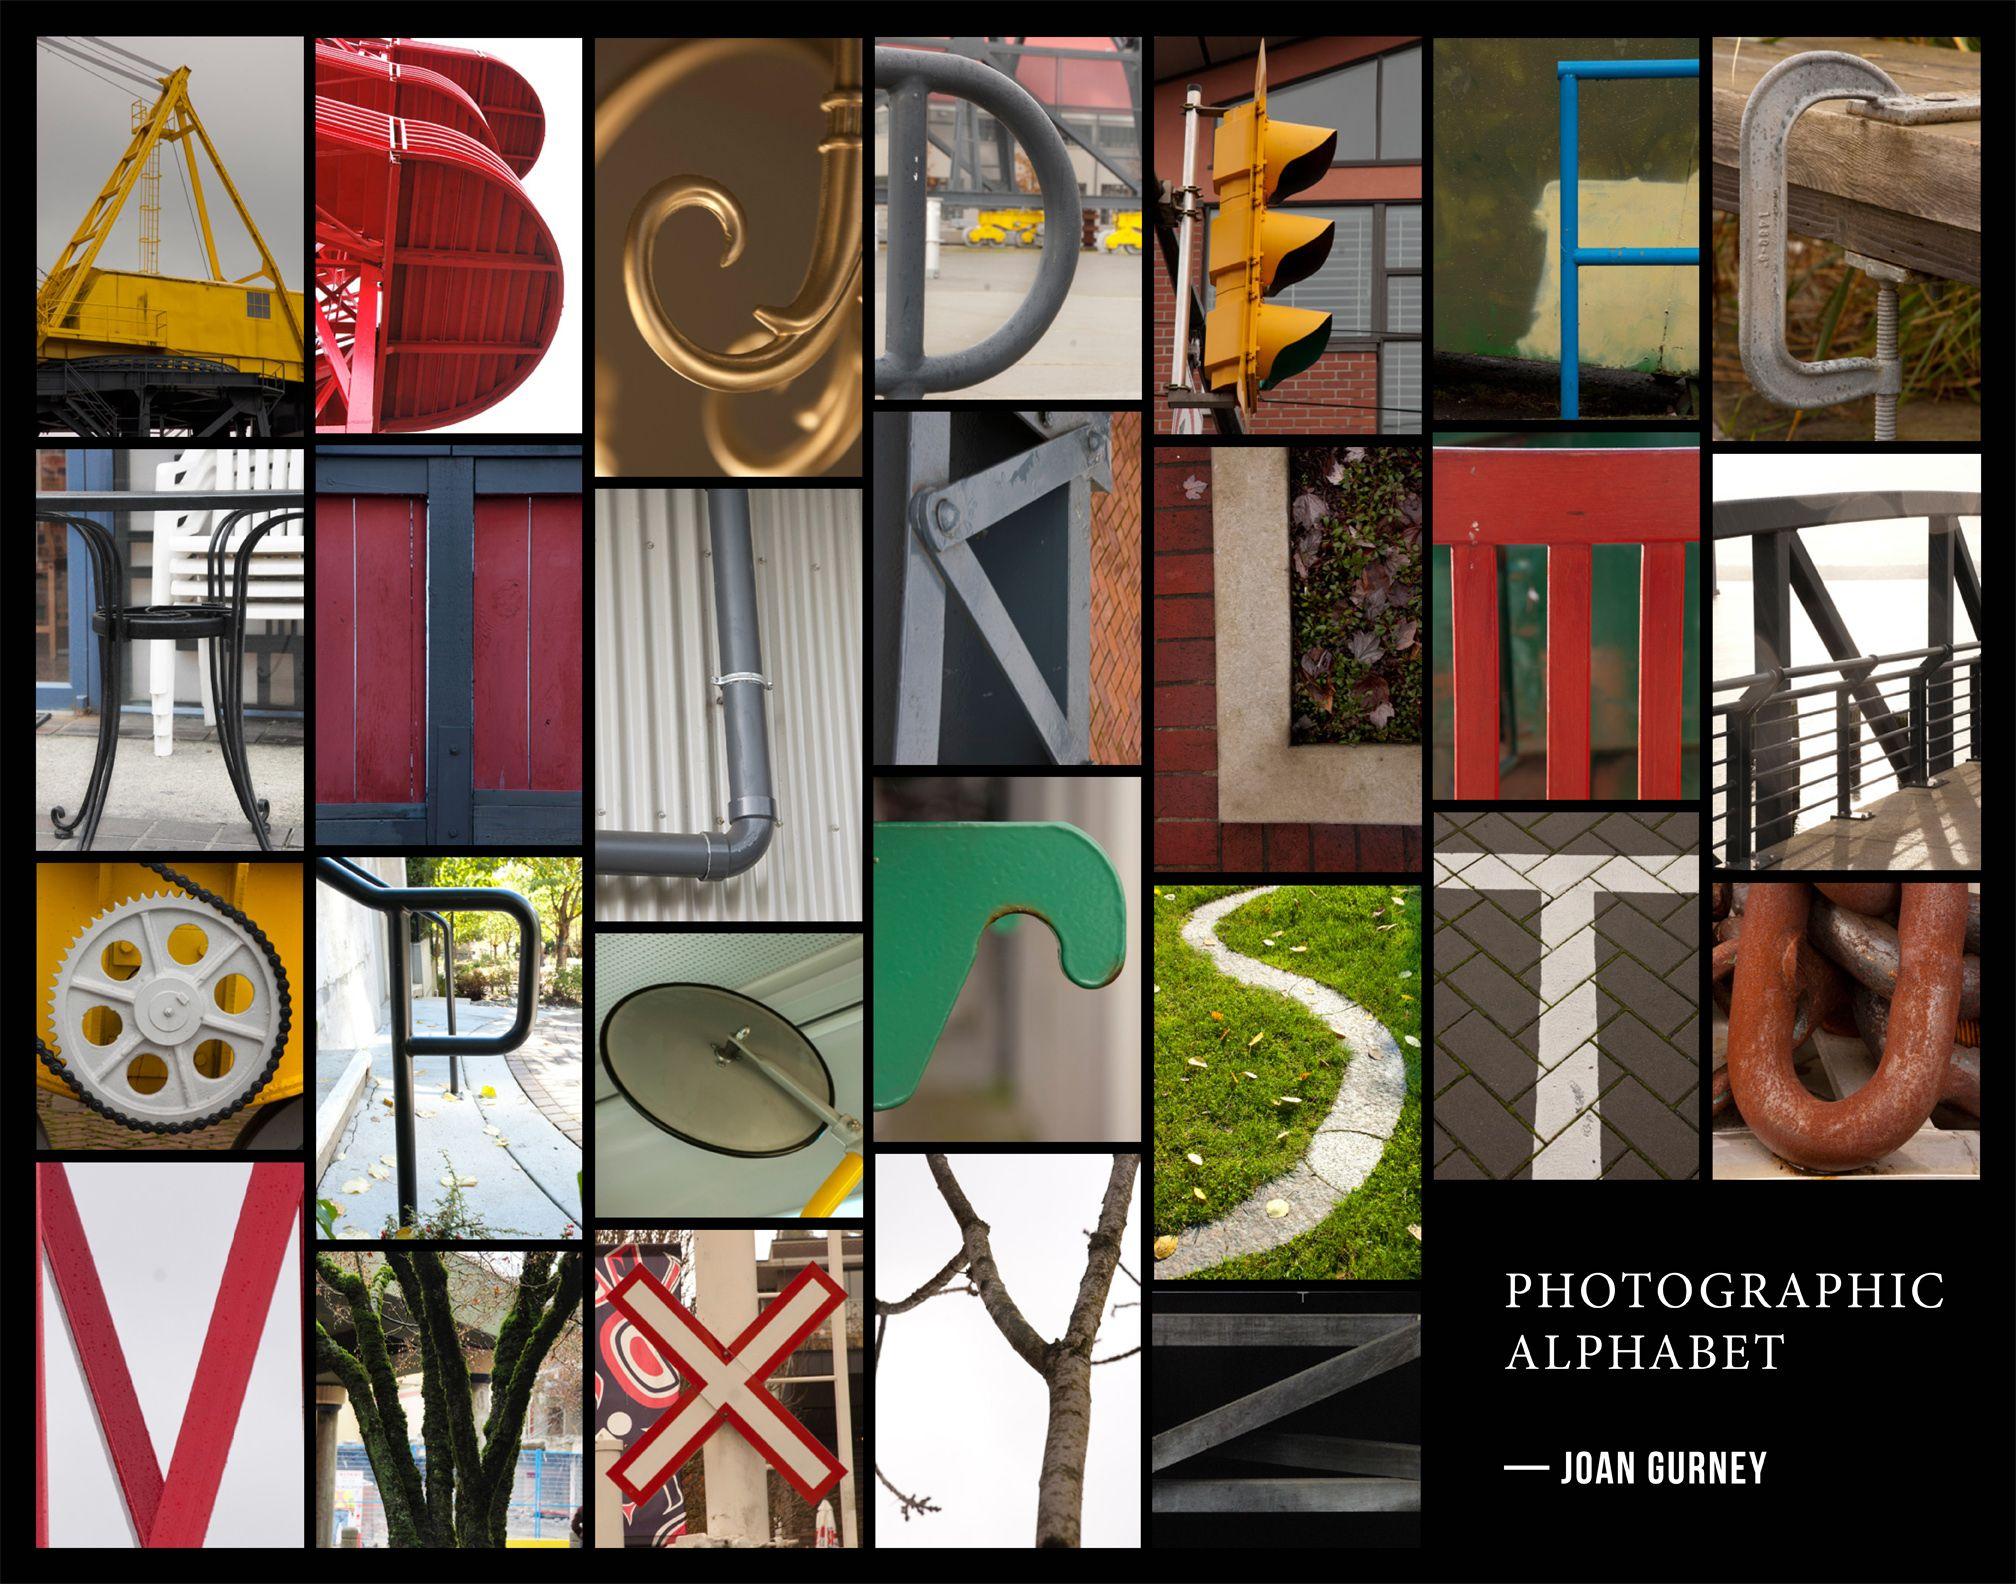 Photographic_Alphabet_Landscape   Photography   Pinterest   Alphabet - Free Printable Alphabet Photography Letters